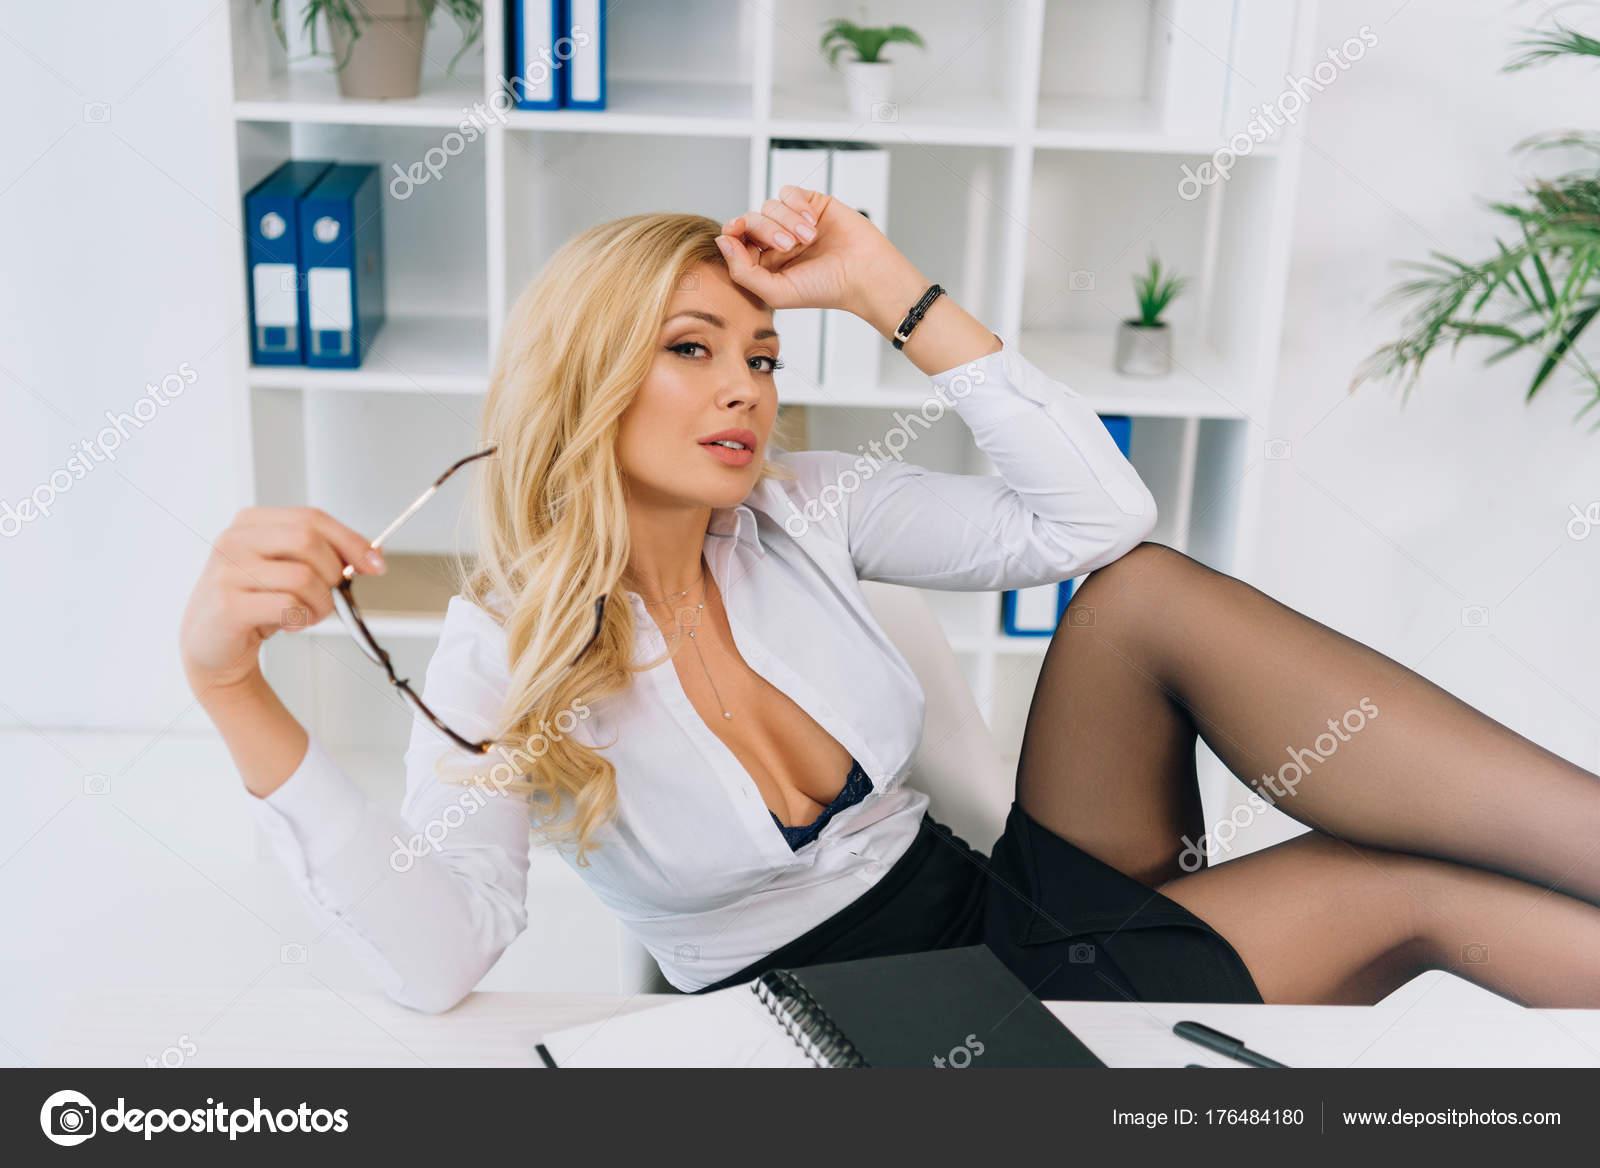 Сексуальная привлекательность женщины напки